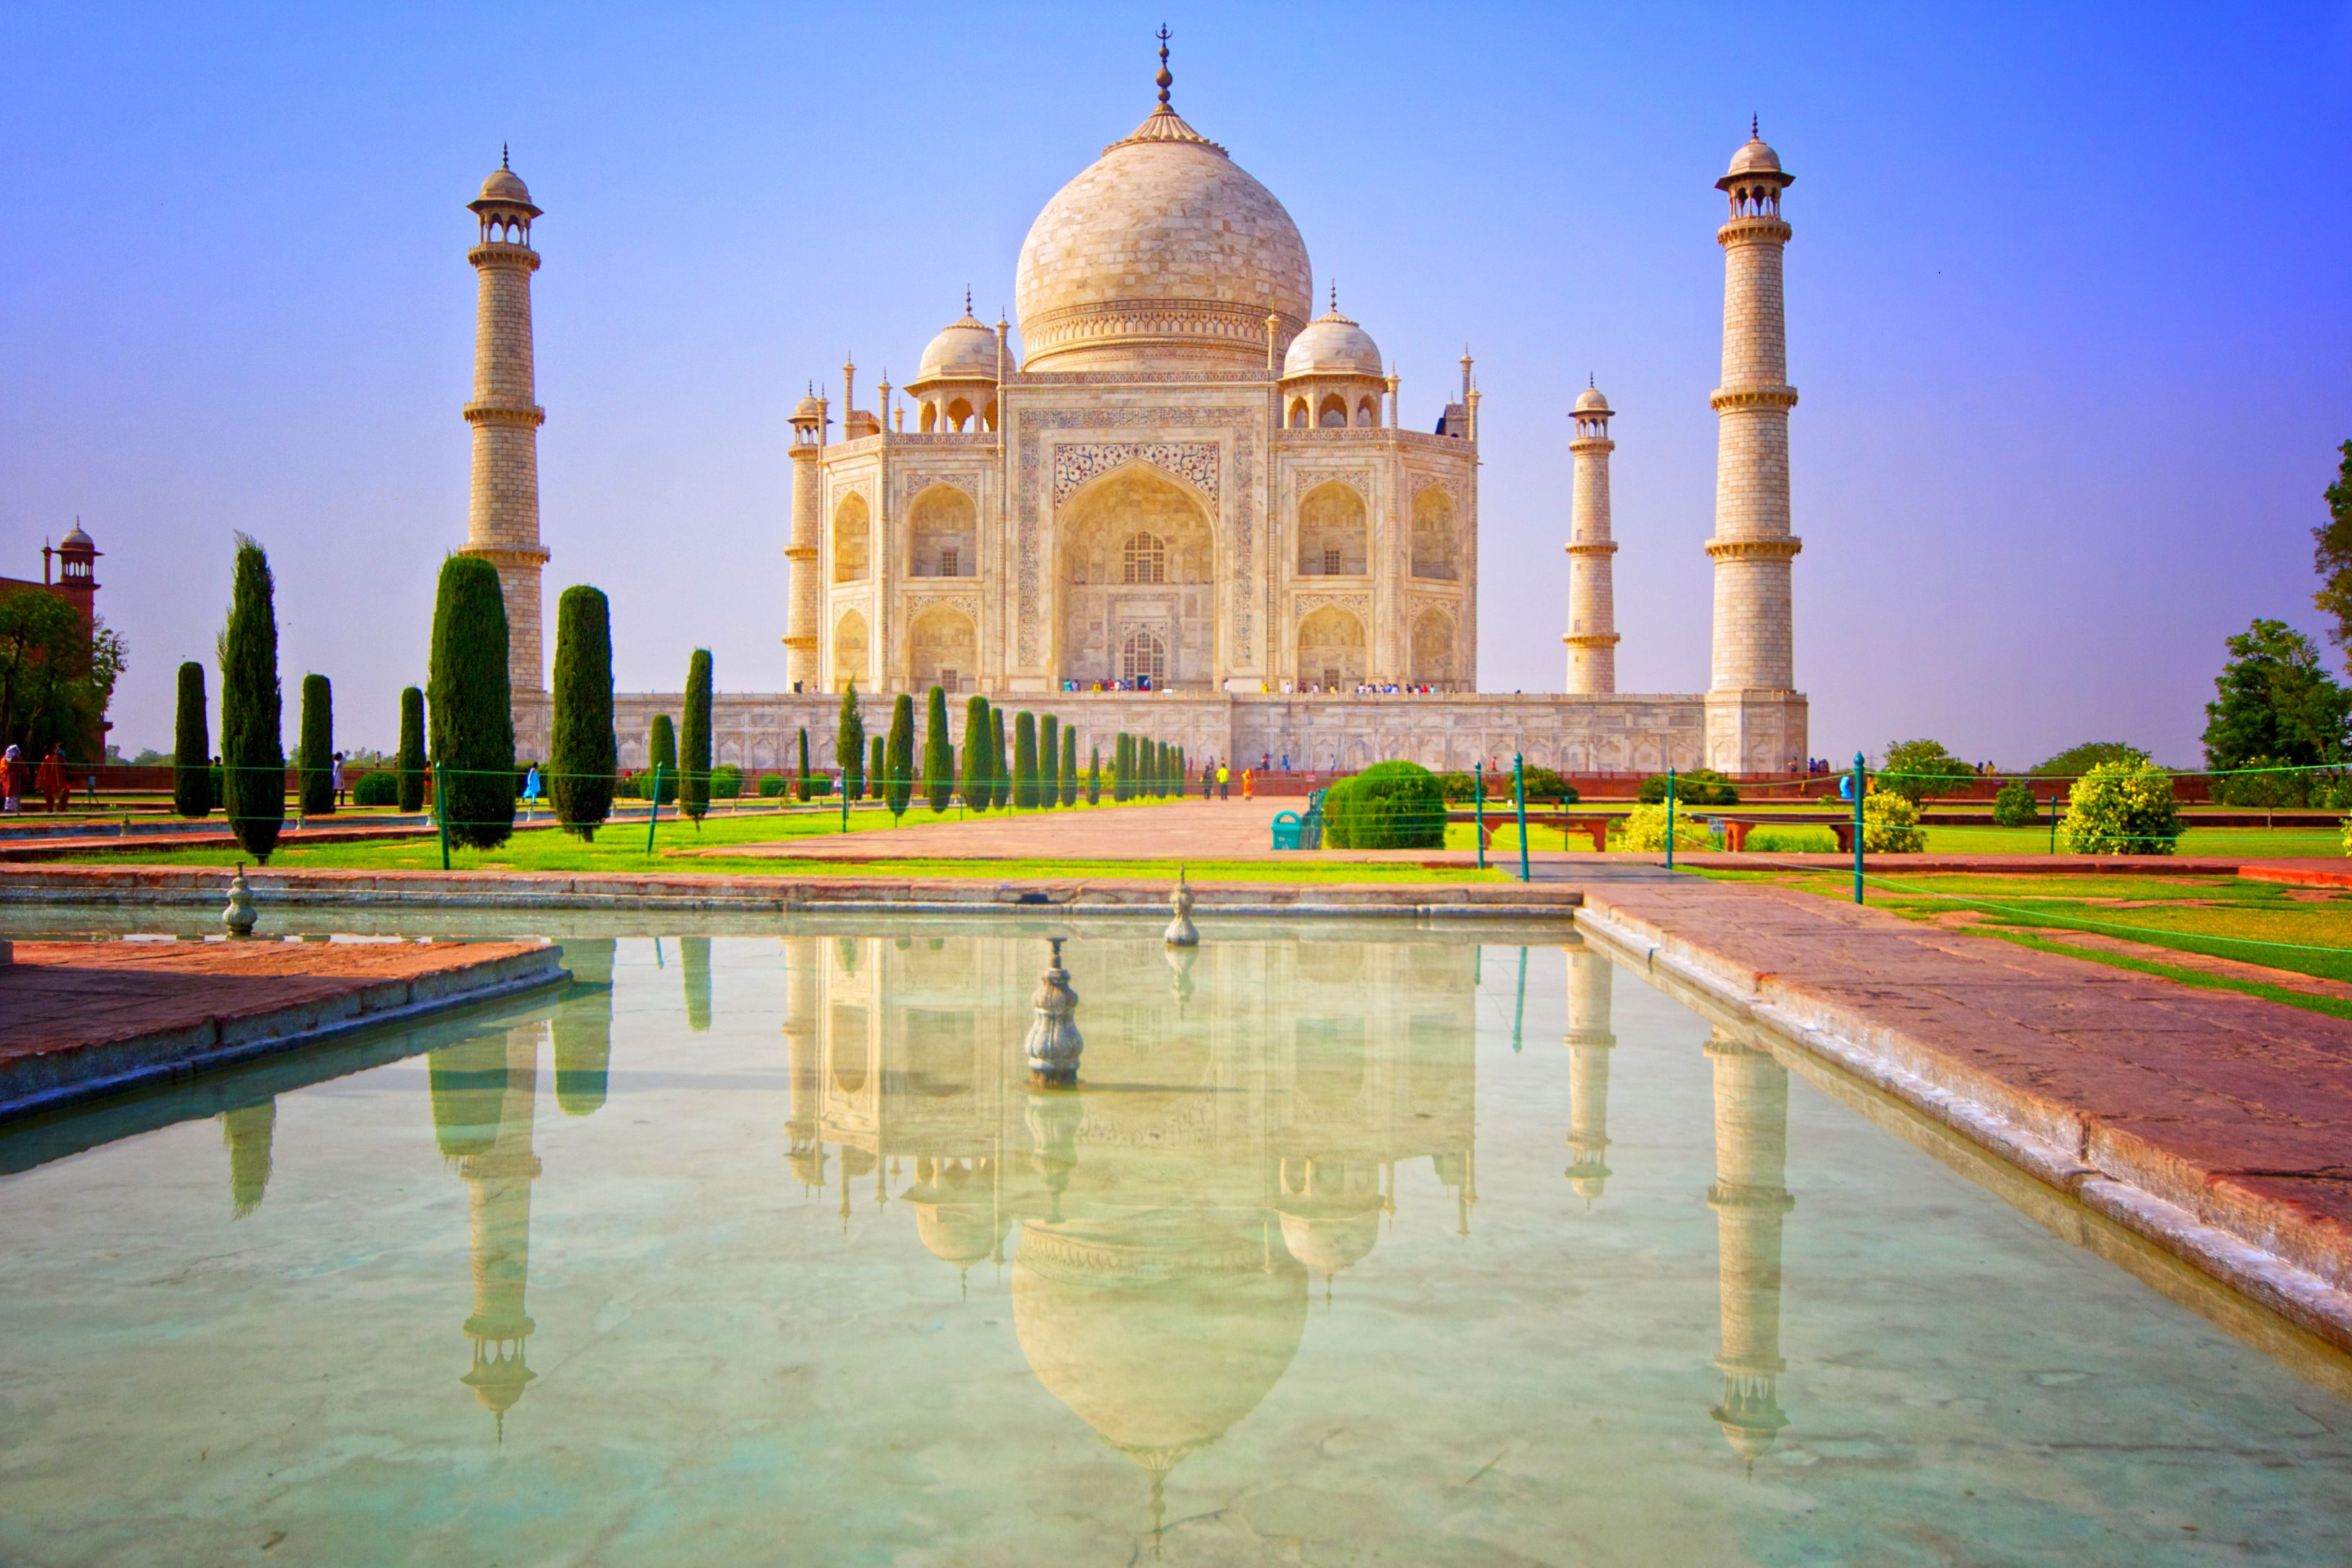 Weltwunder-Trip: Eines der neuen 7 Weltwunder - den Tau Mahal - bei einer Reise durch Indien besuchen